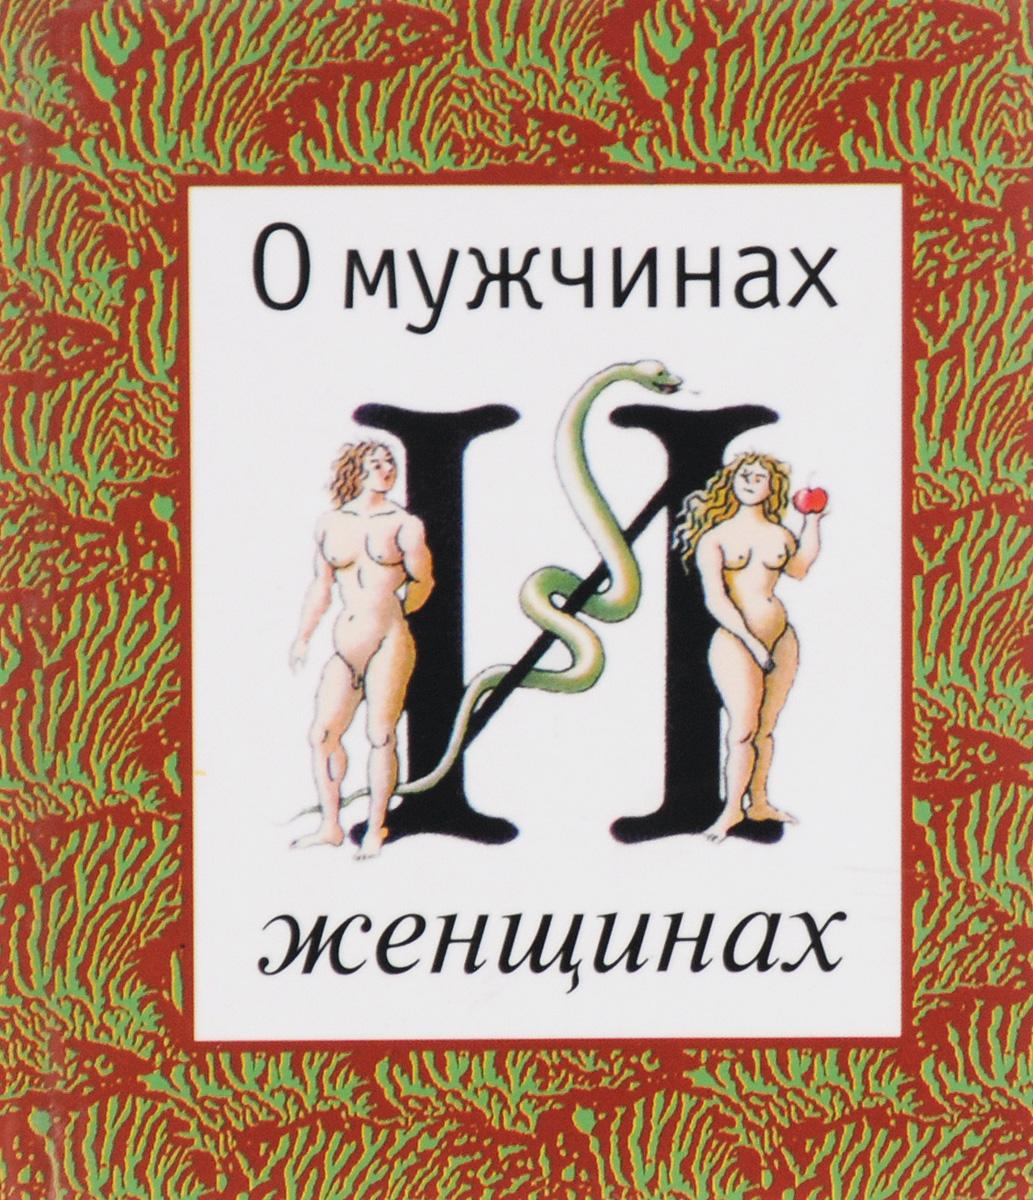 О мужчинах и женщинах (миниатюрное издание)